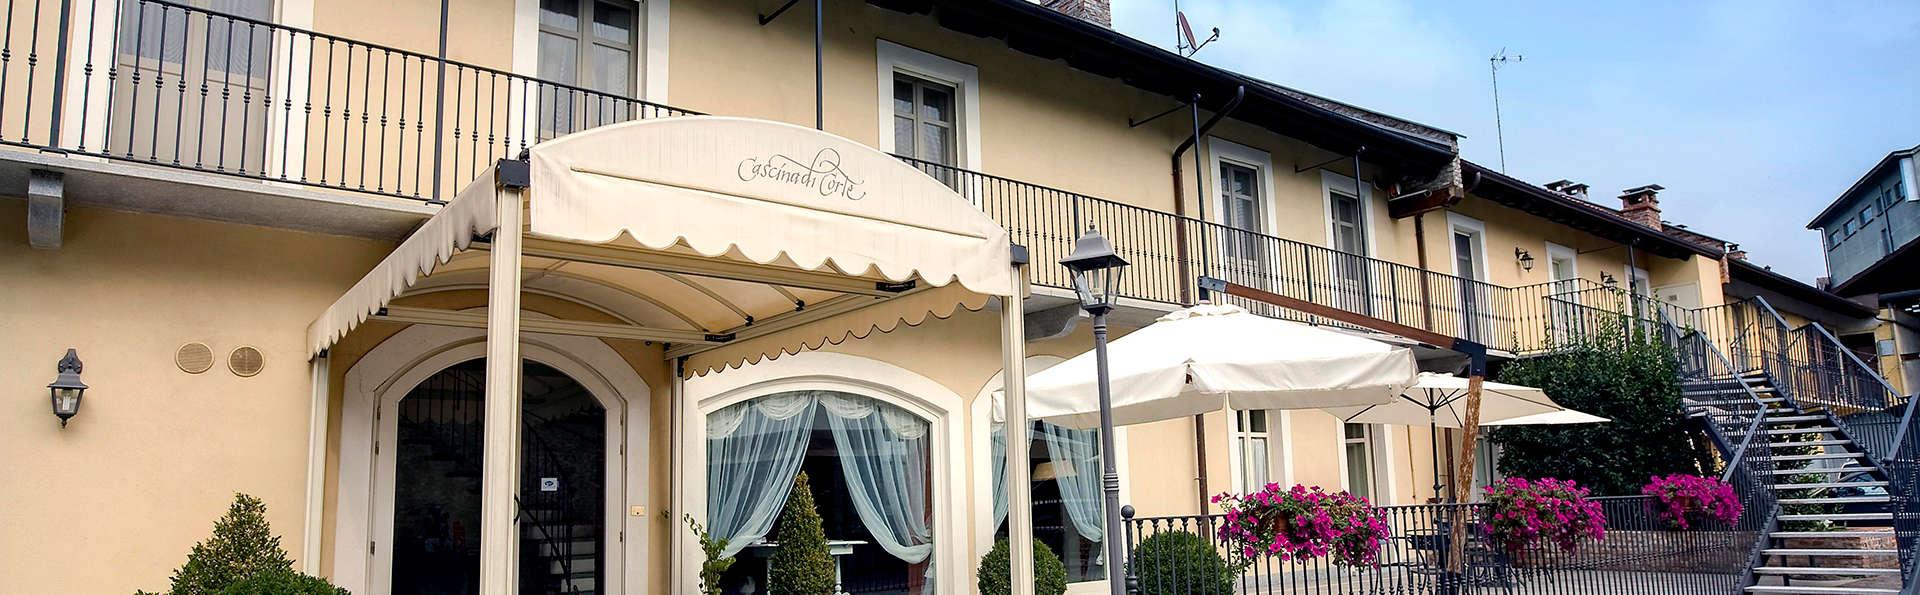 Hotel Cascina di Corte - edit_front32.jpg